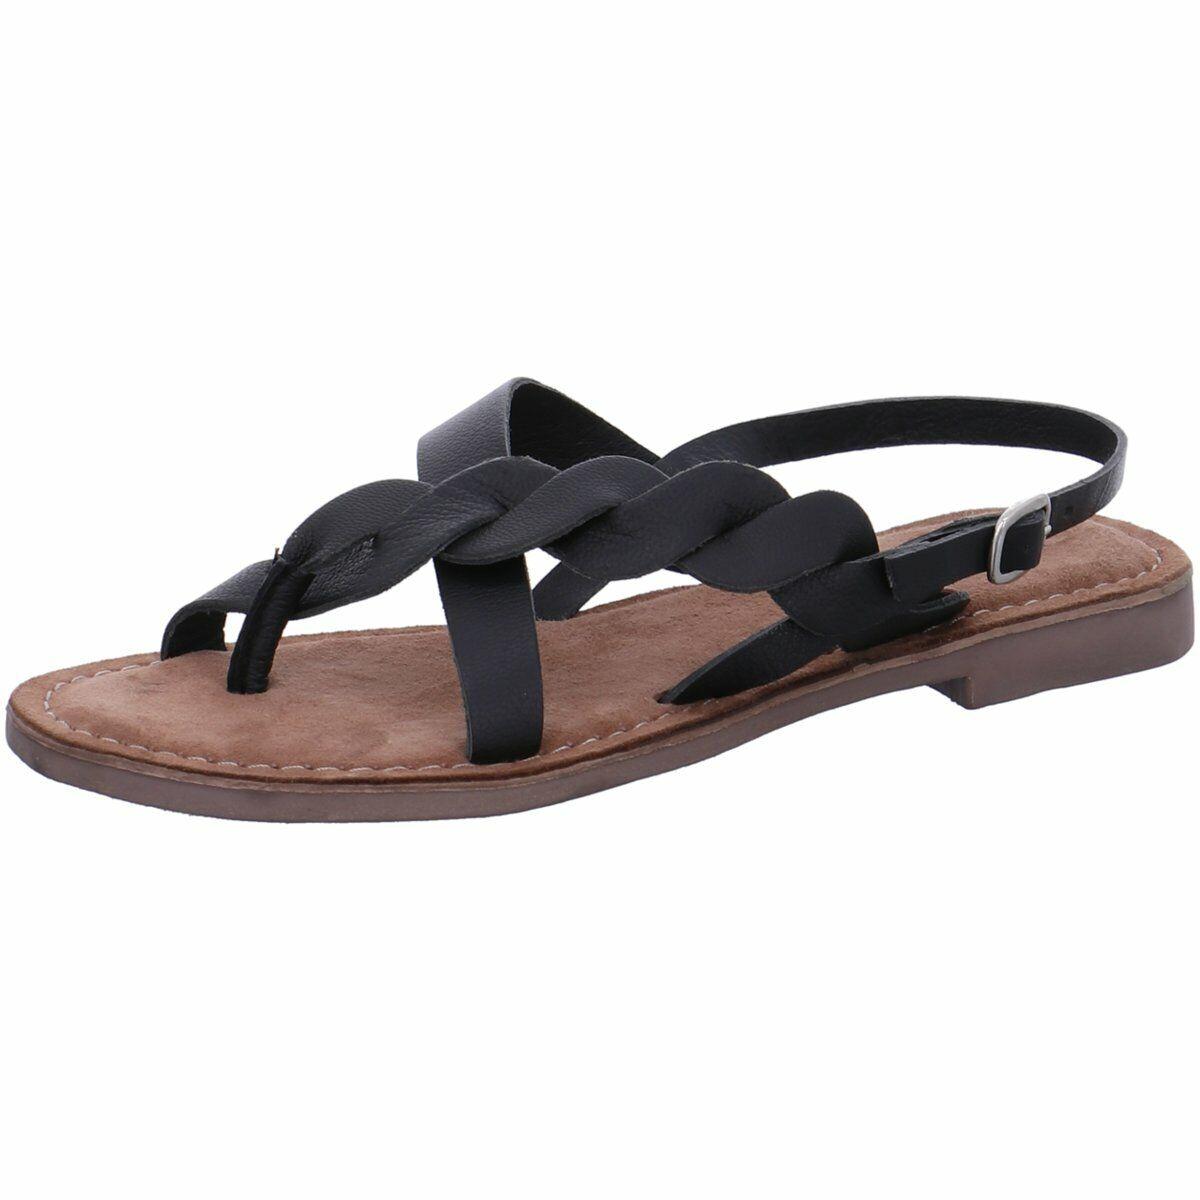 Lazamani Damen Sandaletten 75.630 schwarz 152 schwarz 673030